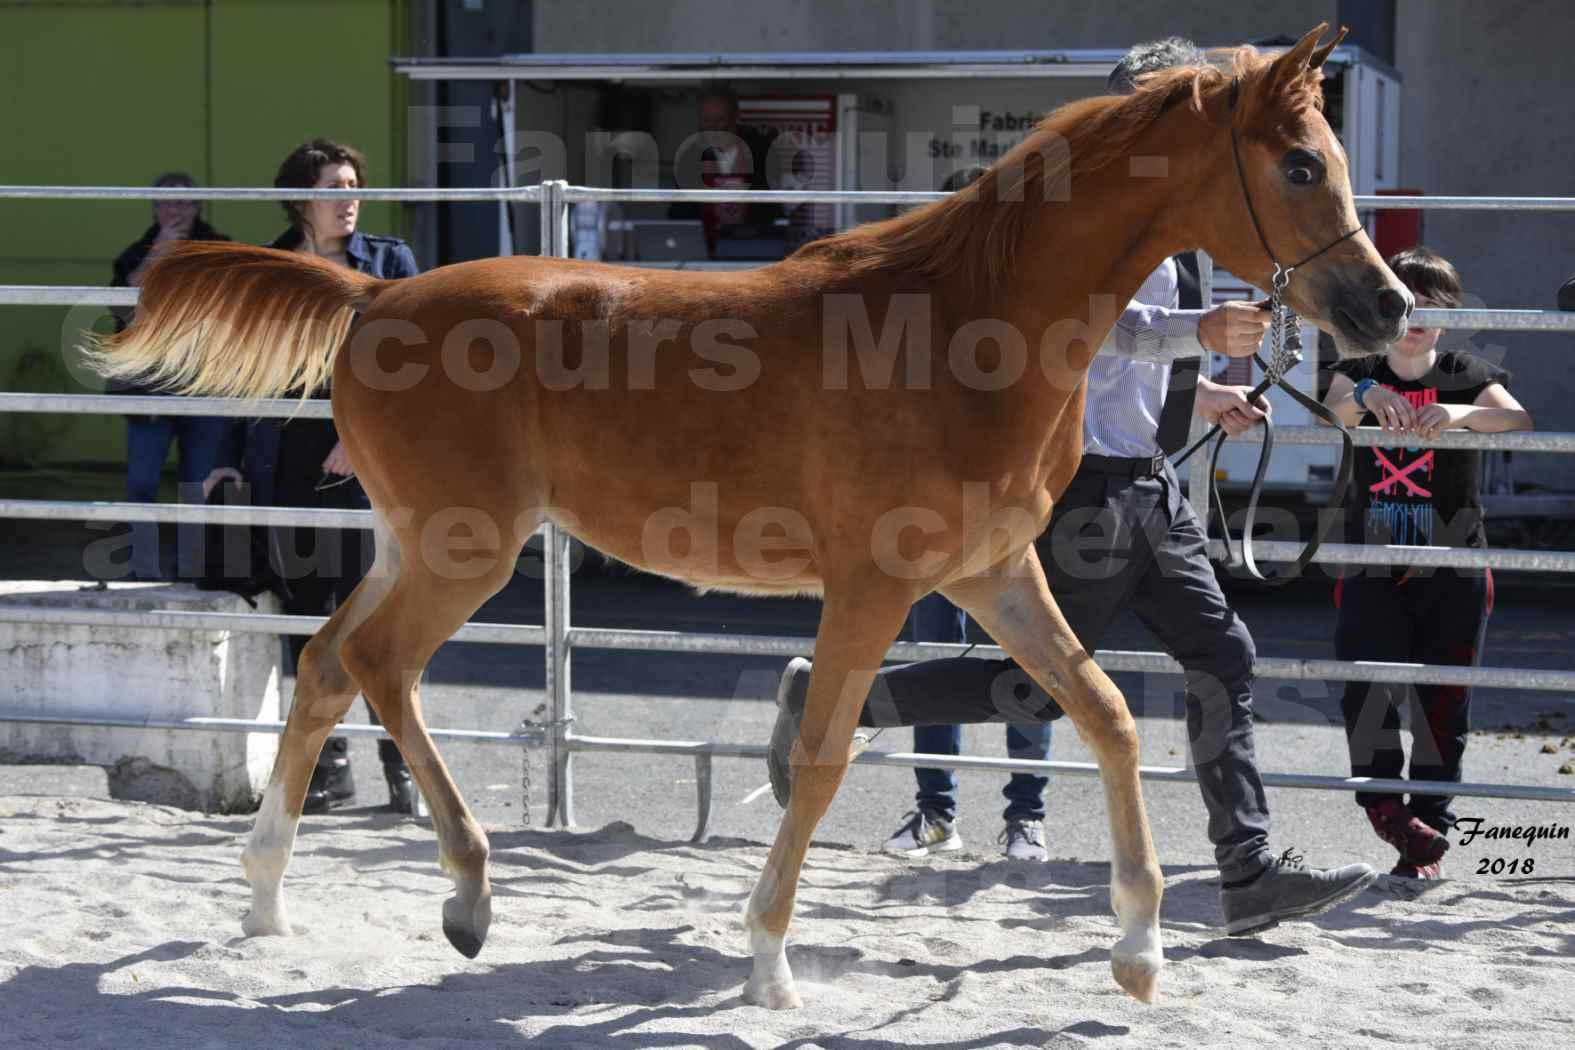 Concours d'élevage de Chevaux Arabes - D S A - A A - ALBI les 6 & 7 Avril 2018 - MARCUS DE LAFON - Notre Sélection - 3